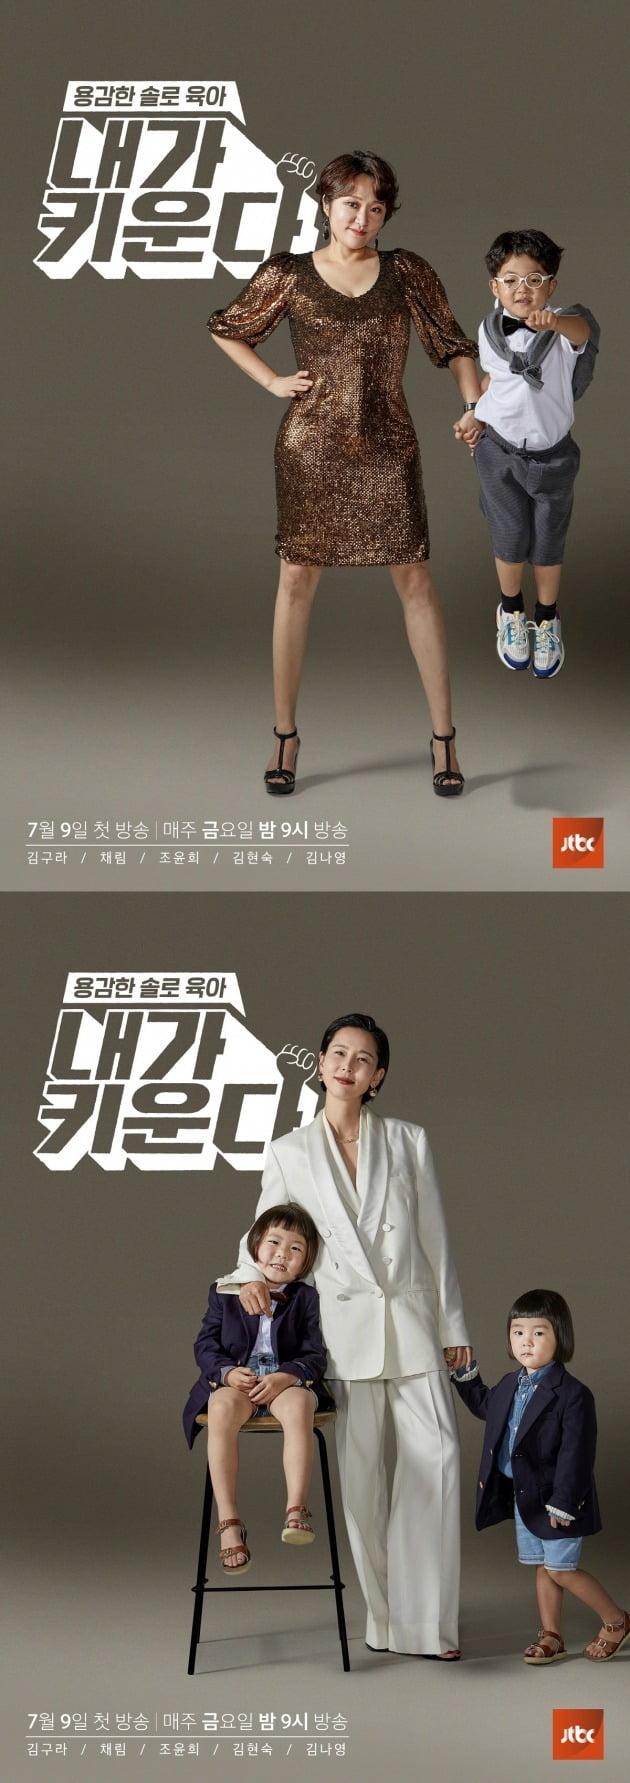 '내가 키운다' 김현숙, 김나영./사진제공=JTBC